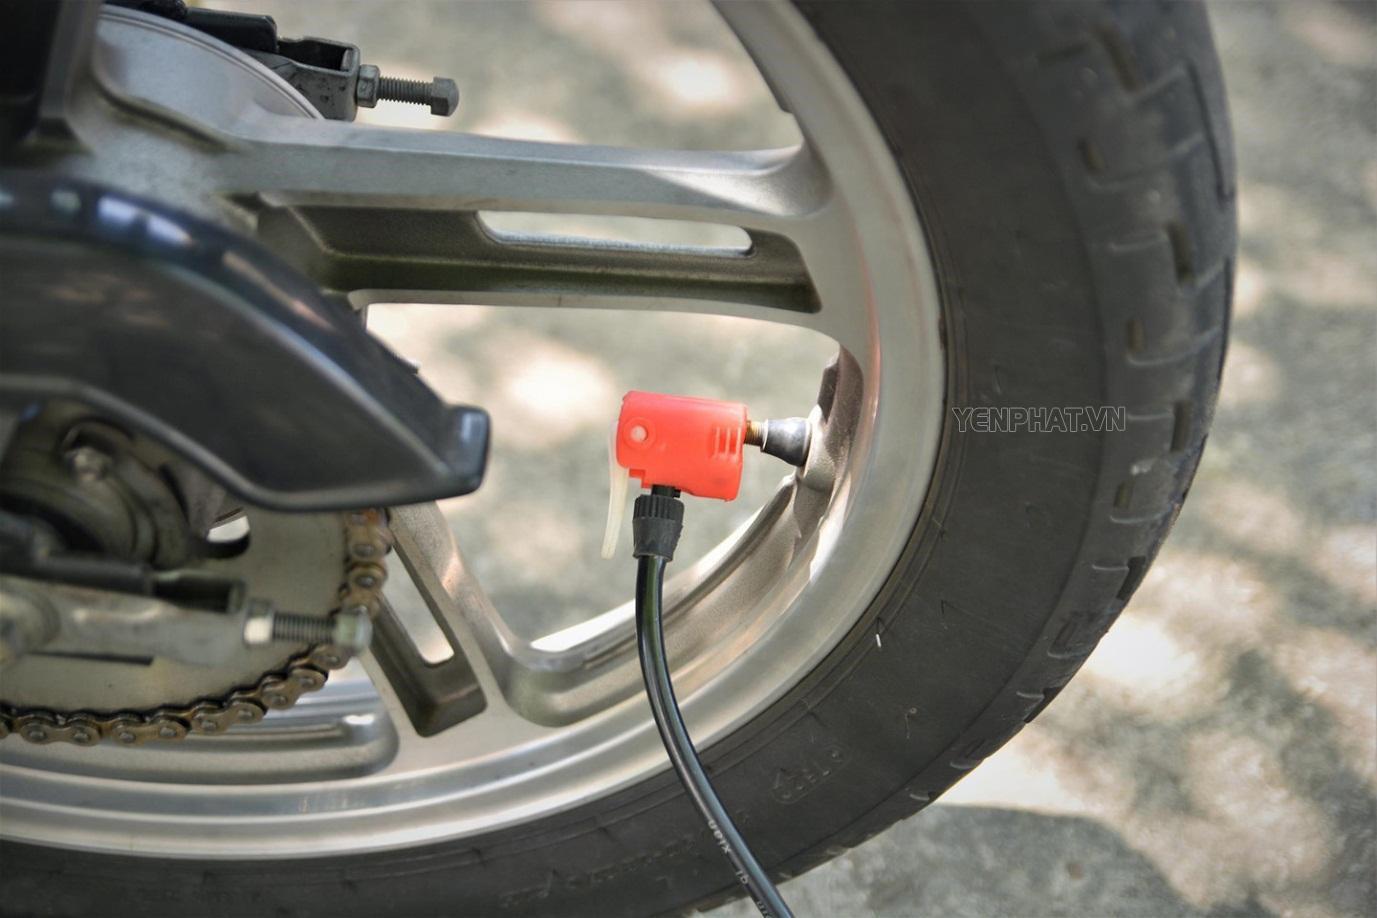 Dùng bơm để làm căng lốp xe trở lại